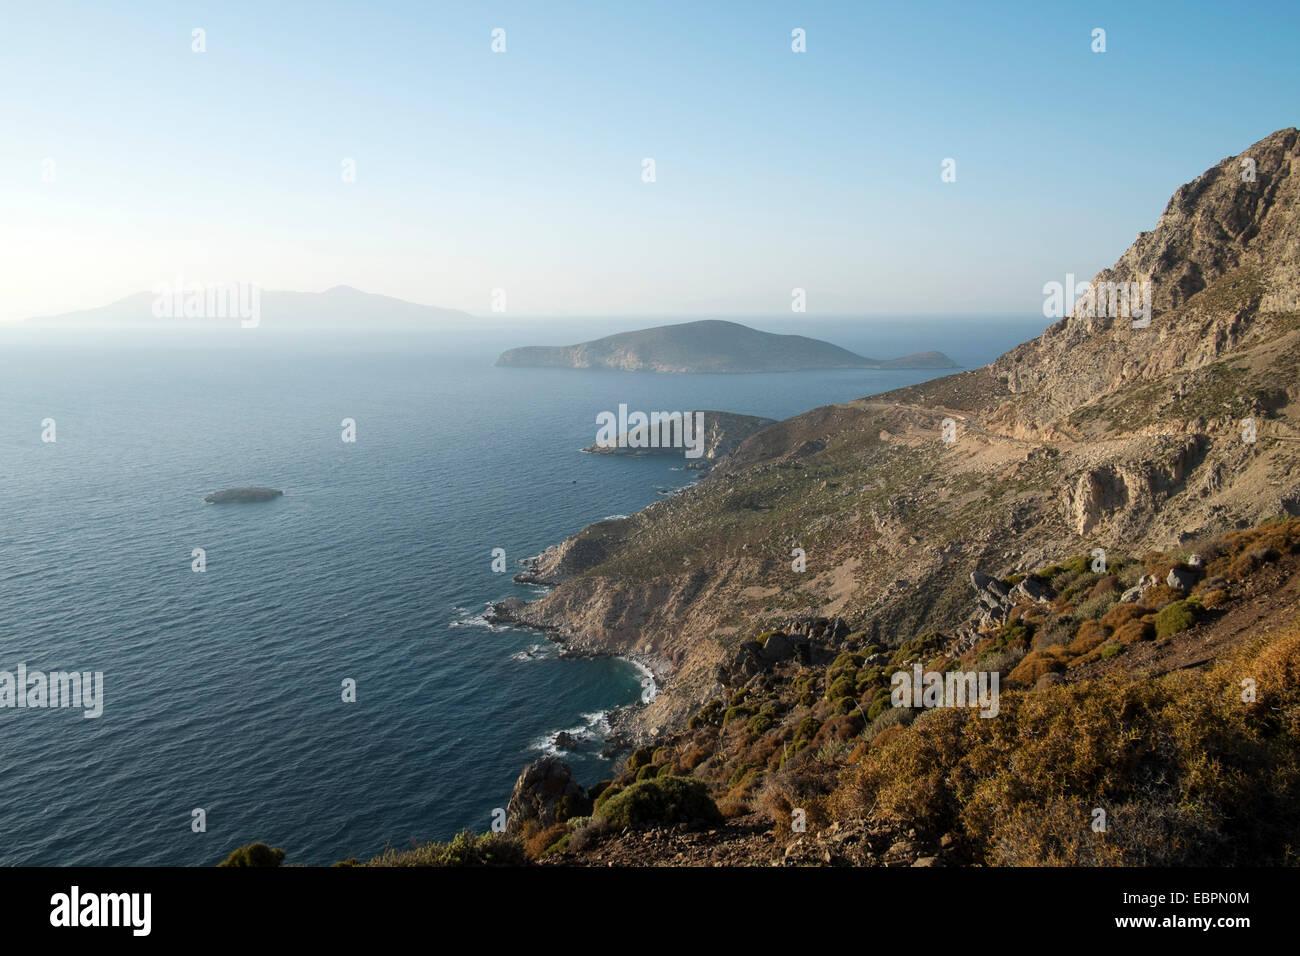 Der Blick von der hohen Küste Tilos in Richtung der Insel Nisyros, Dodekanes, griechische Inseln, Griechenland, Stockbild